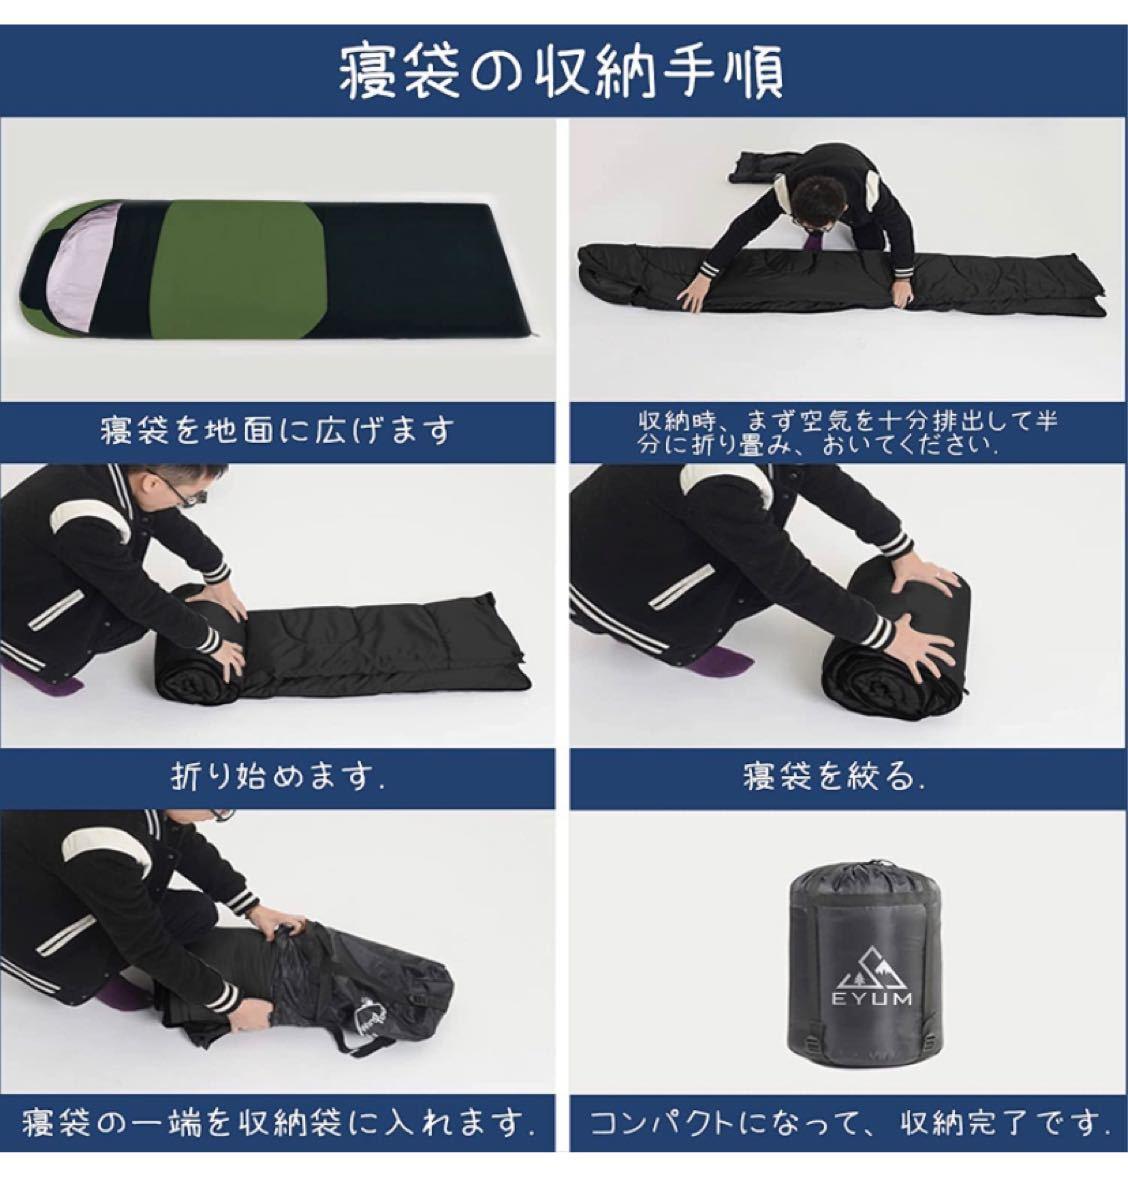 寝袋 シュラフ 封筒型 軽量 超暖かい 210T防水 コンパクト 簡単収納 車中泊